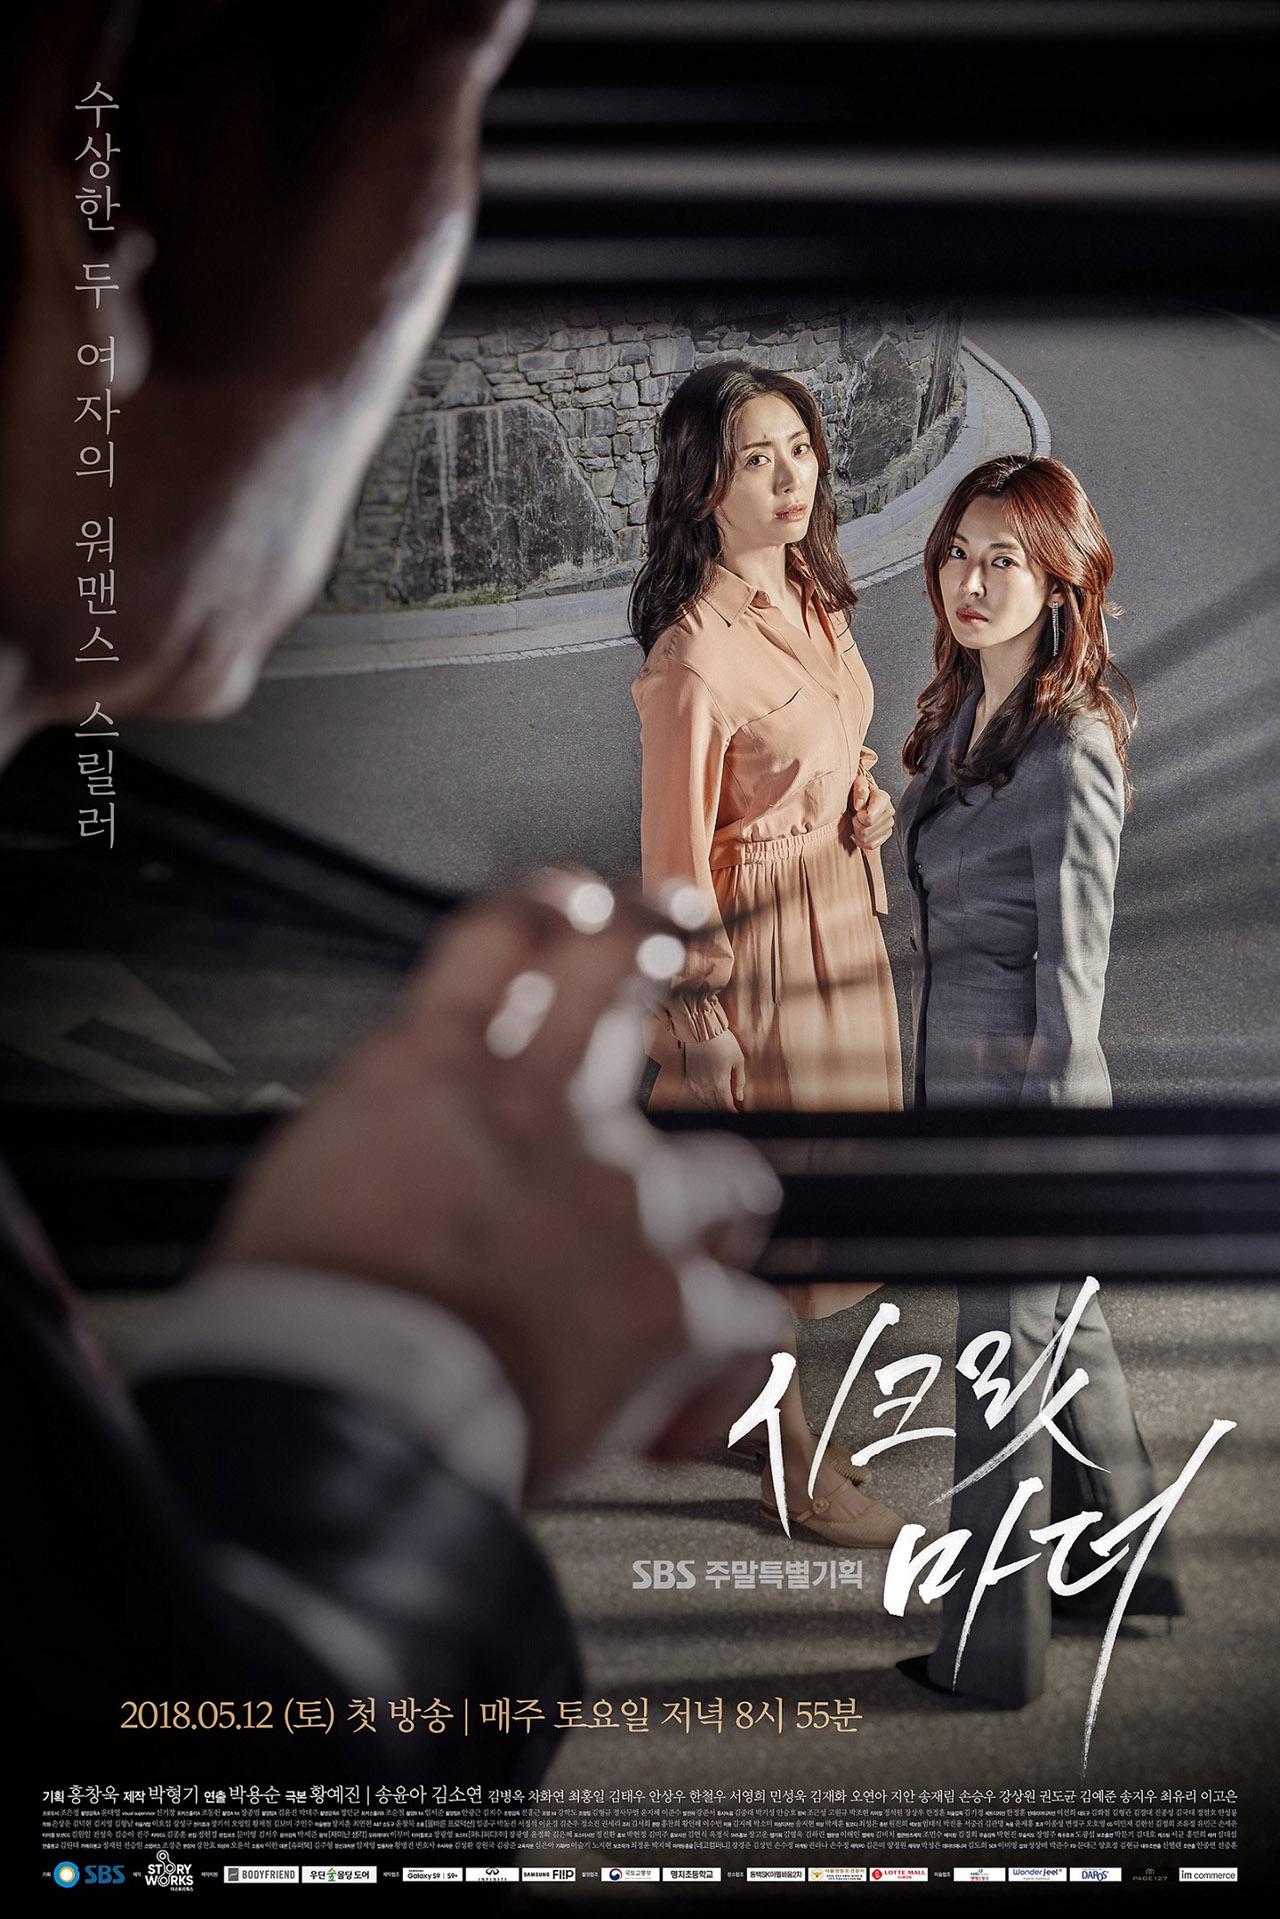 [사진자료] 인피니티, SBS 주말드라마 _시크릿 마더(2)_드라마 포스터